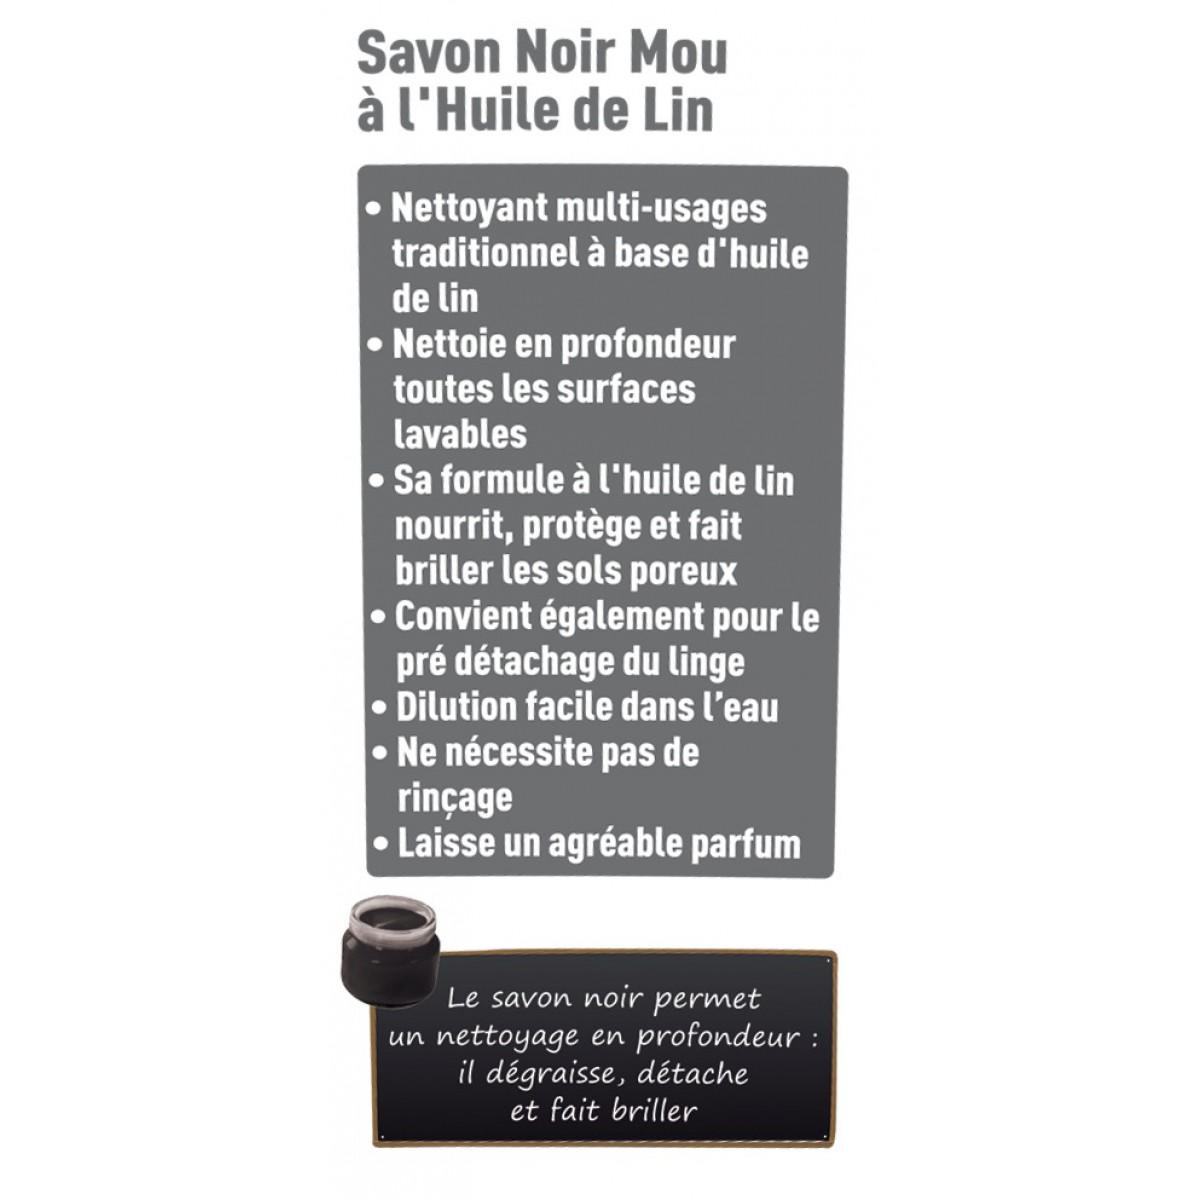 Savon noir à l'huile de lin Spado - Pot 1 kg